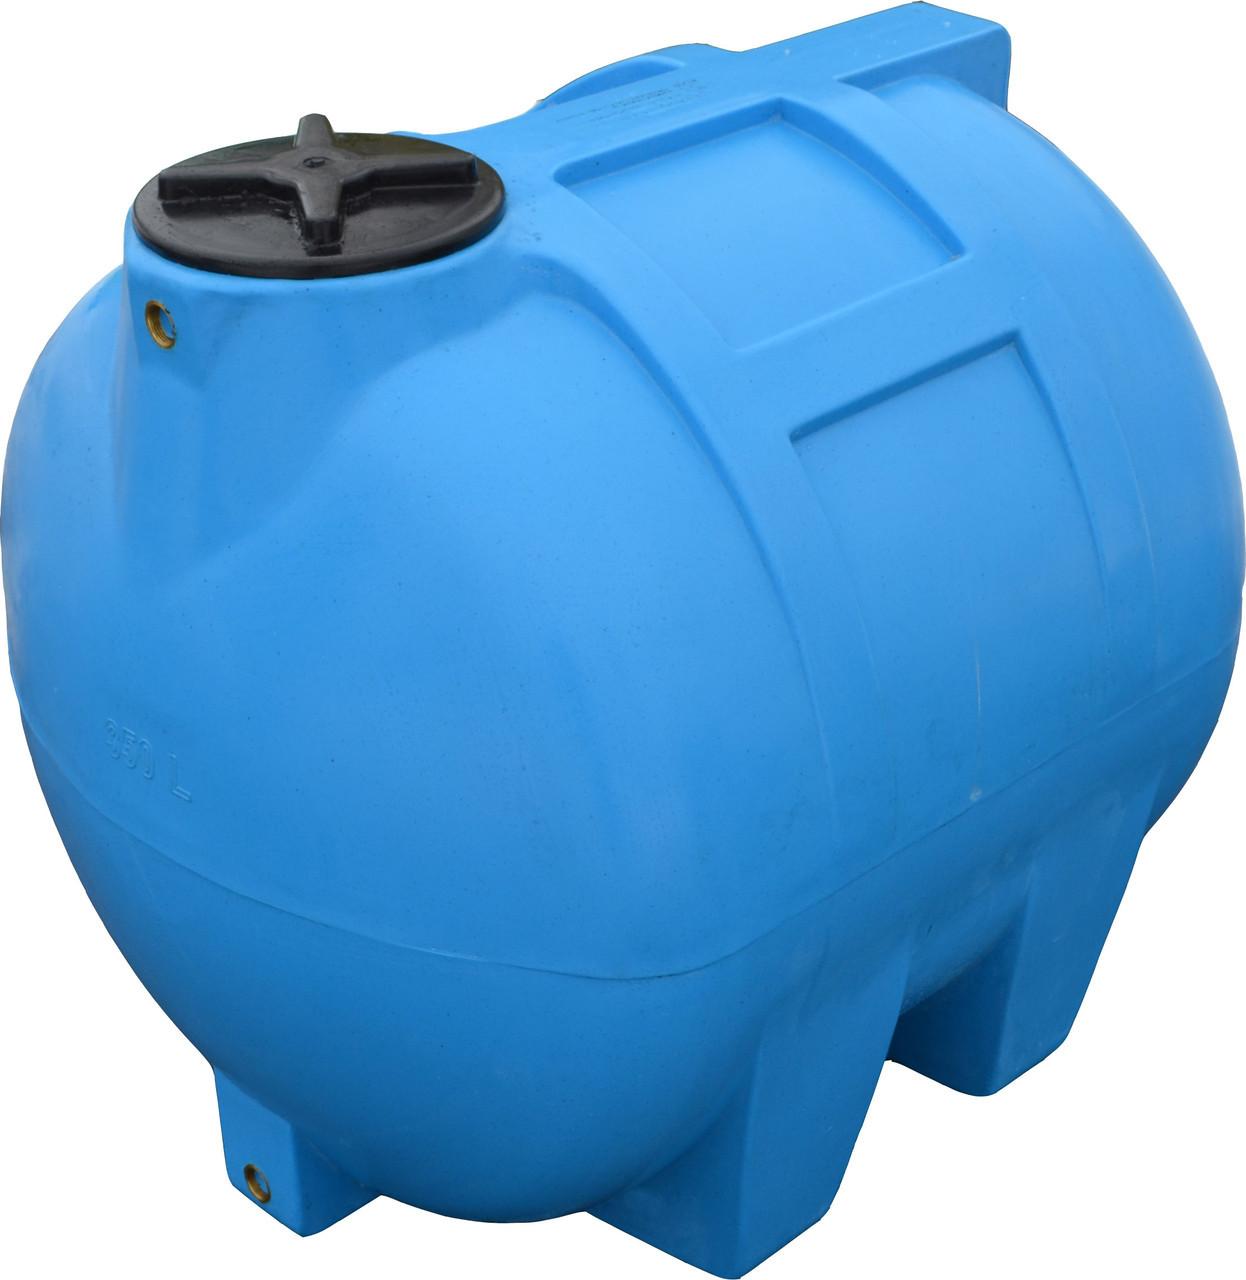 Пластиковая горизонтальная емкость на 350 литров G-350 для хранения воды